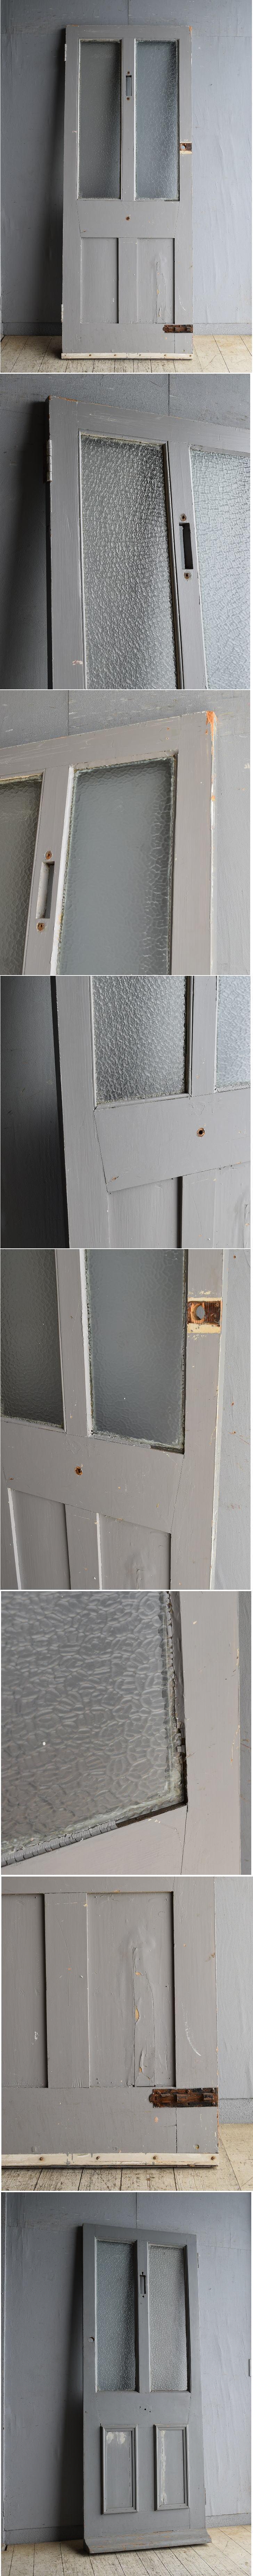 イギリス アンティーク ドア 扉 建具 8488